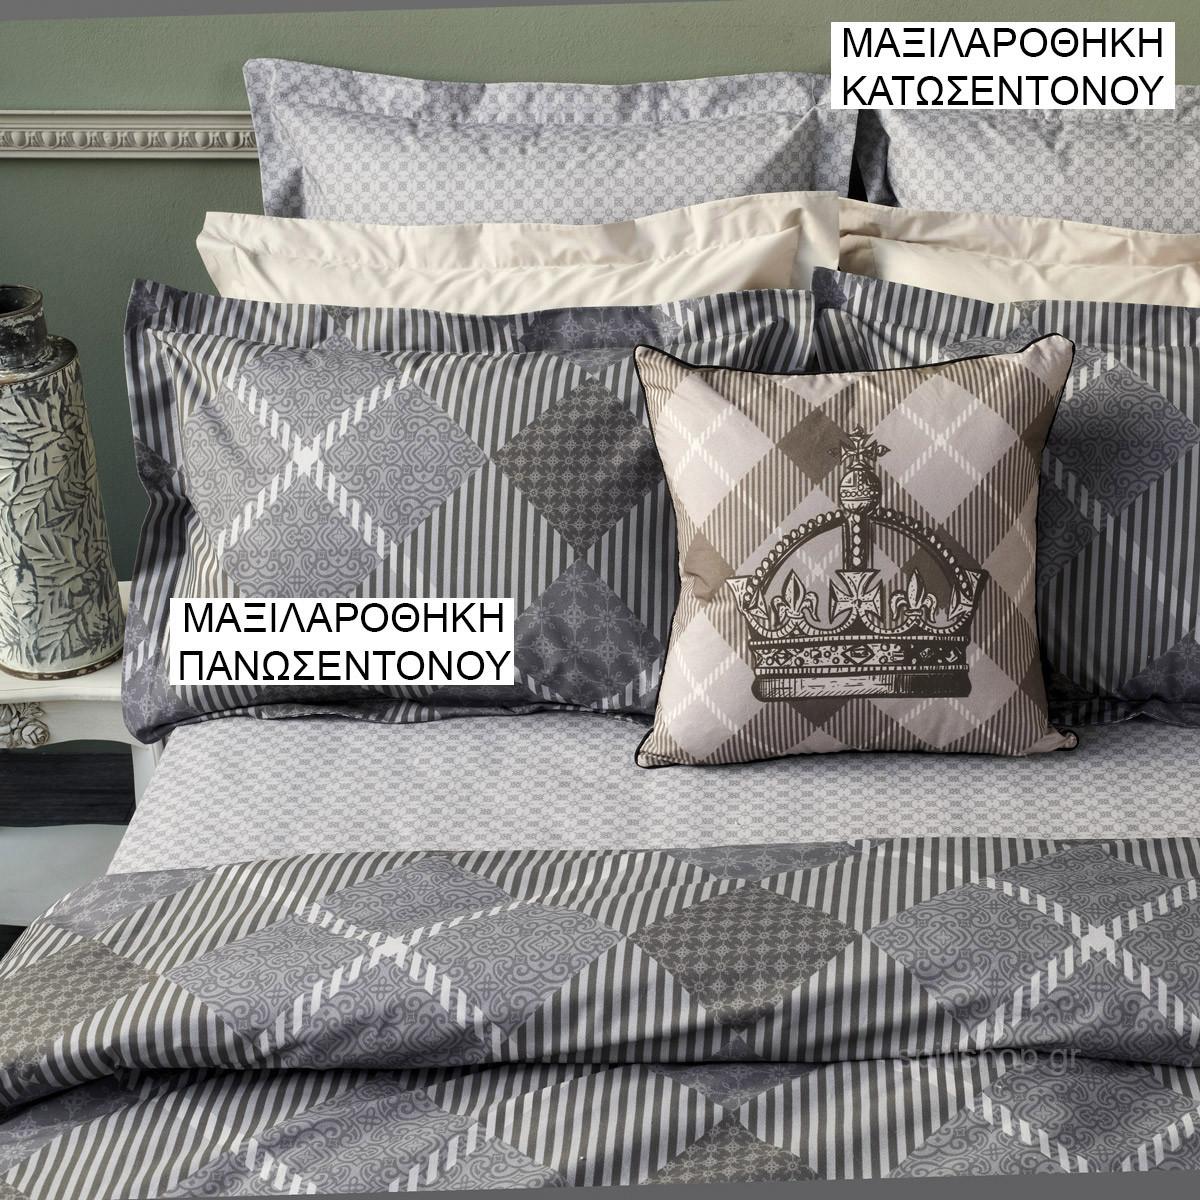 Ζεύγος Μαξιλαροθήκες Oxford Kentia Loft Figaro 01 home   κρεβατοκάμαρα   μαξιλάρια   μαξιλαροθήκες